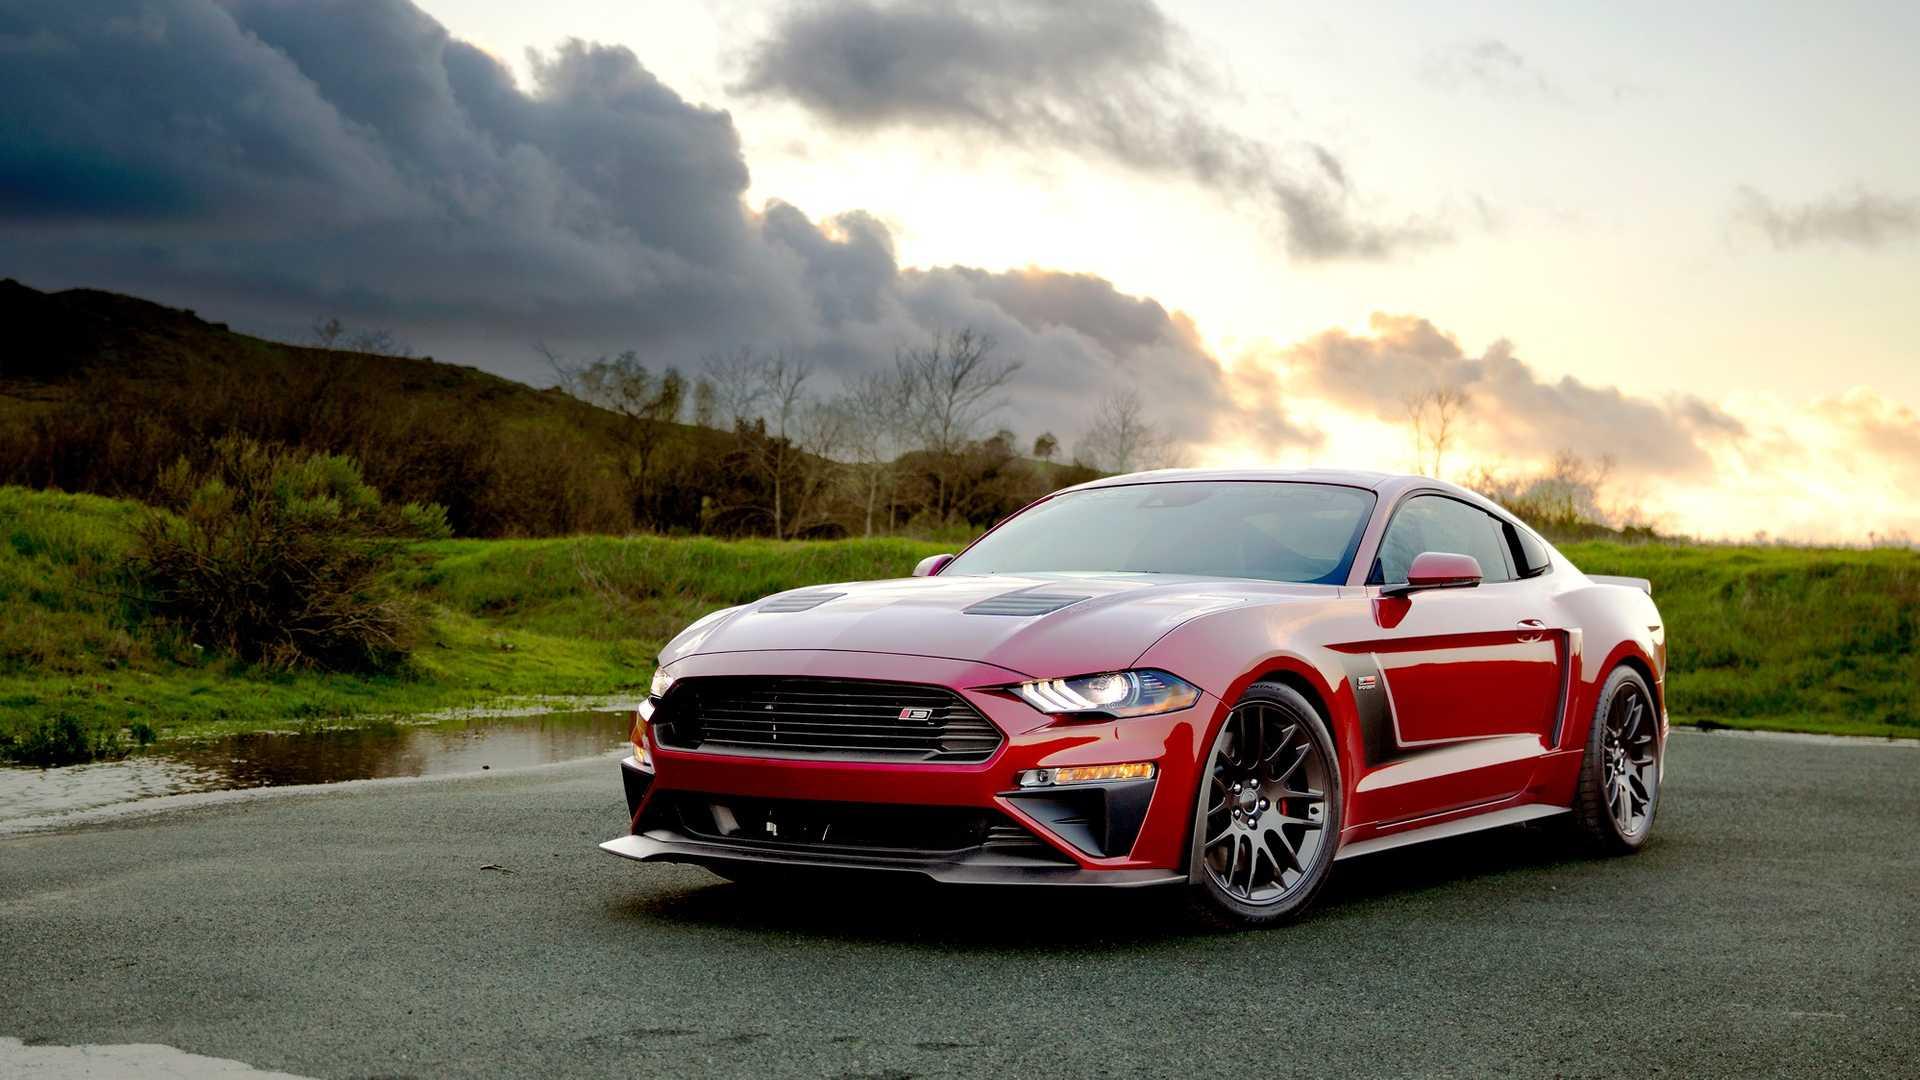 Команда ателье Roush опубликовала подробности о двух автомобилях, которые она привезет на мотор-шоу в Нью-Йорк